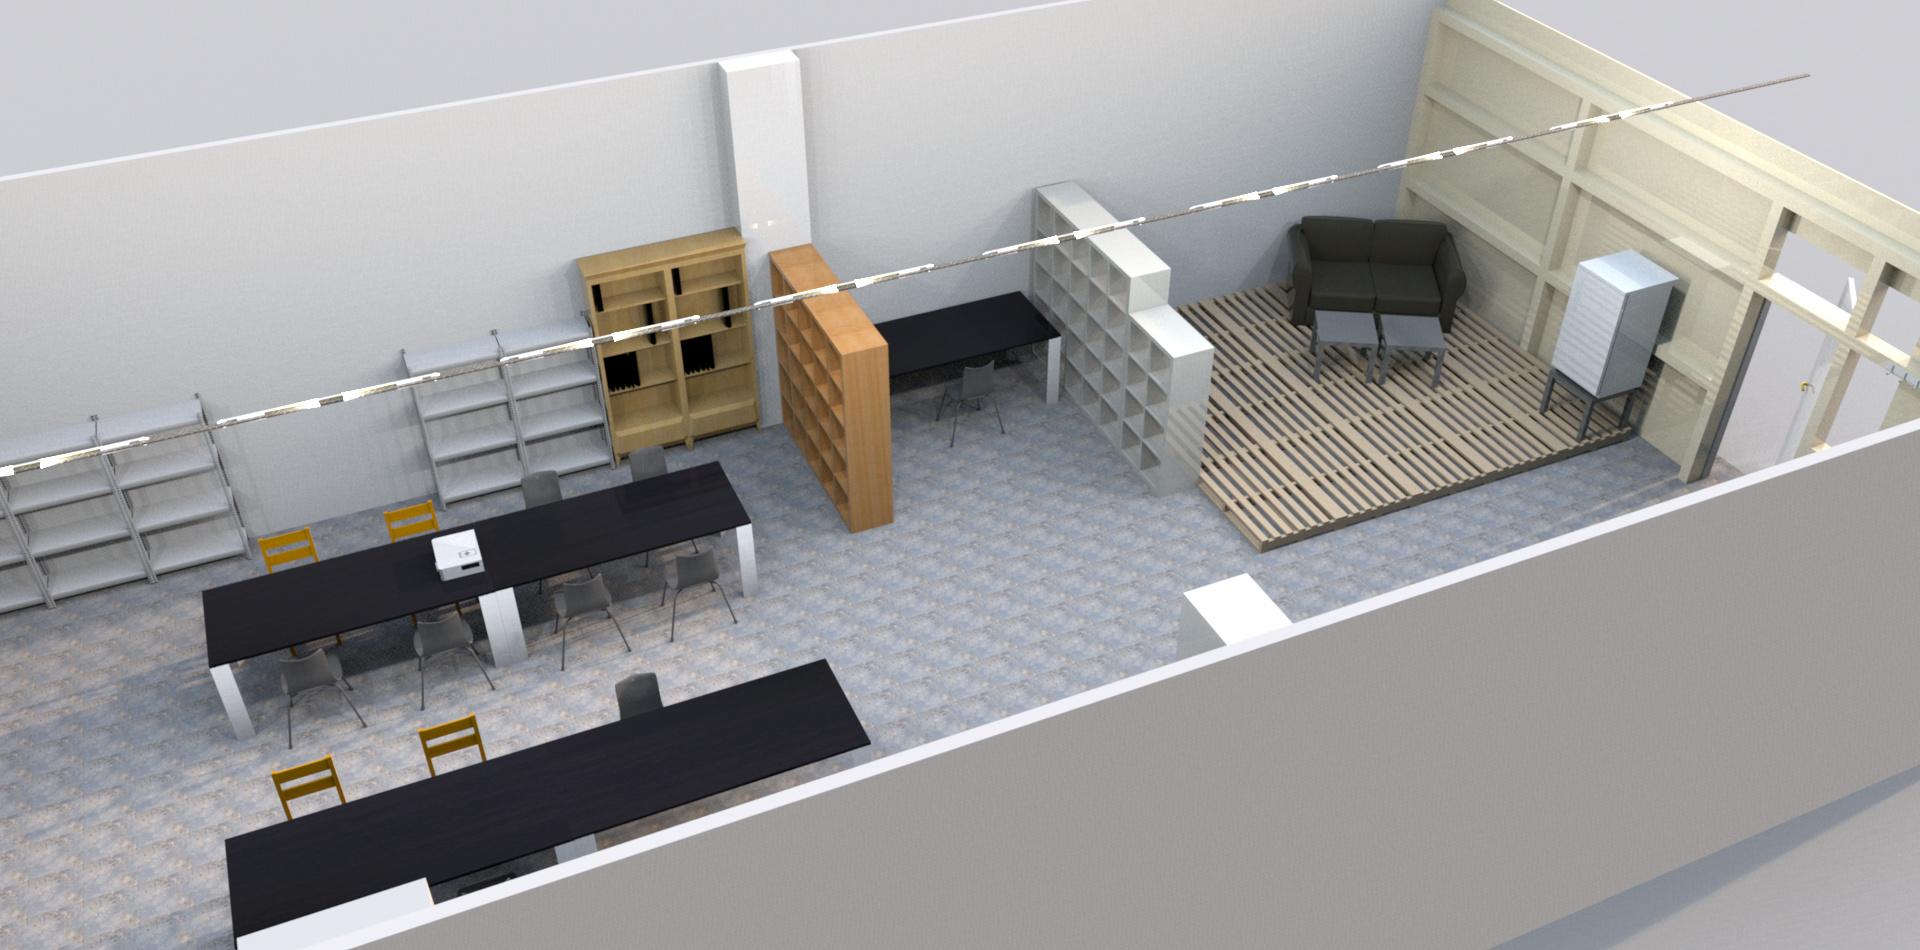 Full Size of Sitzecke Bauen Podest Hackerspace Coredump Kopfteil Bett Selber Boxspring Küche Dusche Einbauen Velux Fenster Bodengleiche Nachträglich Einbauküche Kosten Wohnzimmer Sitzecke Bauen